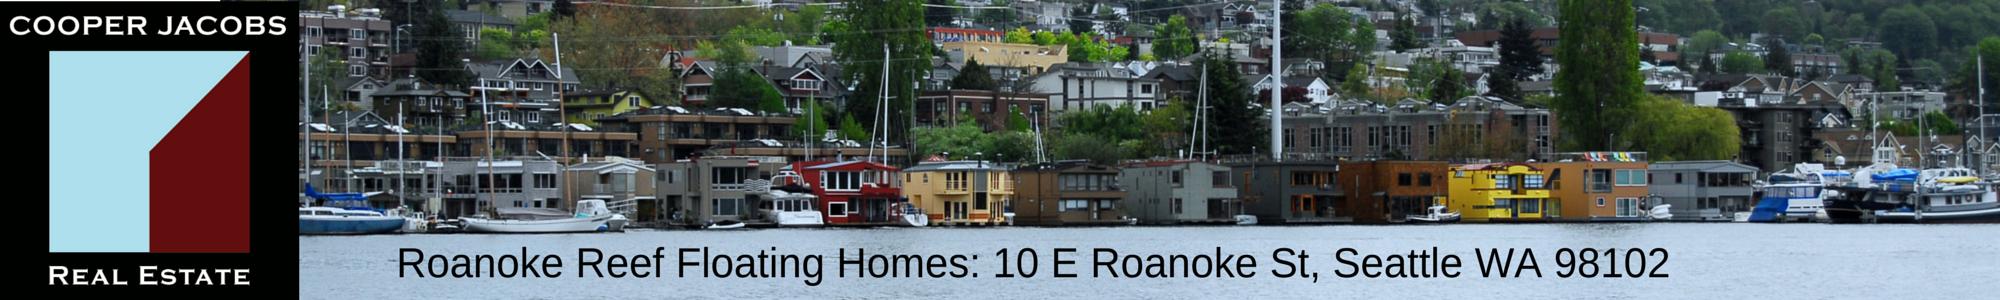 Roanoke Reef Houseboats:  10 E Roanoke